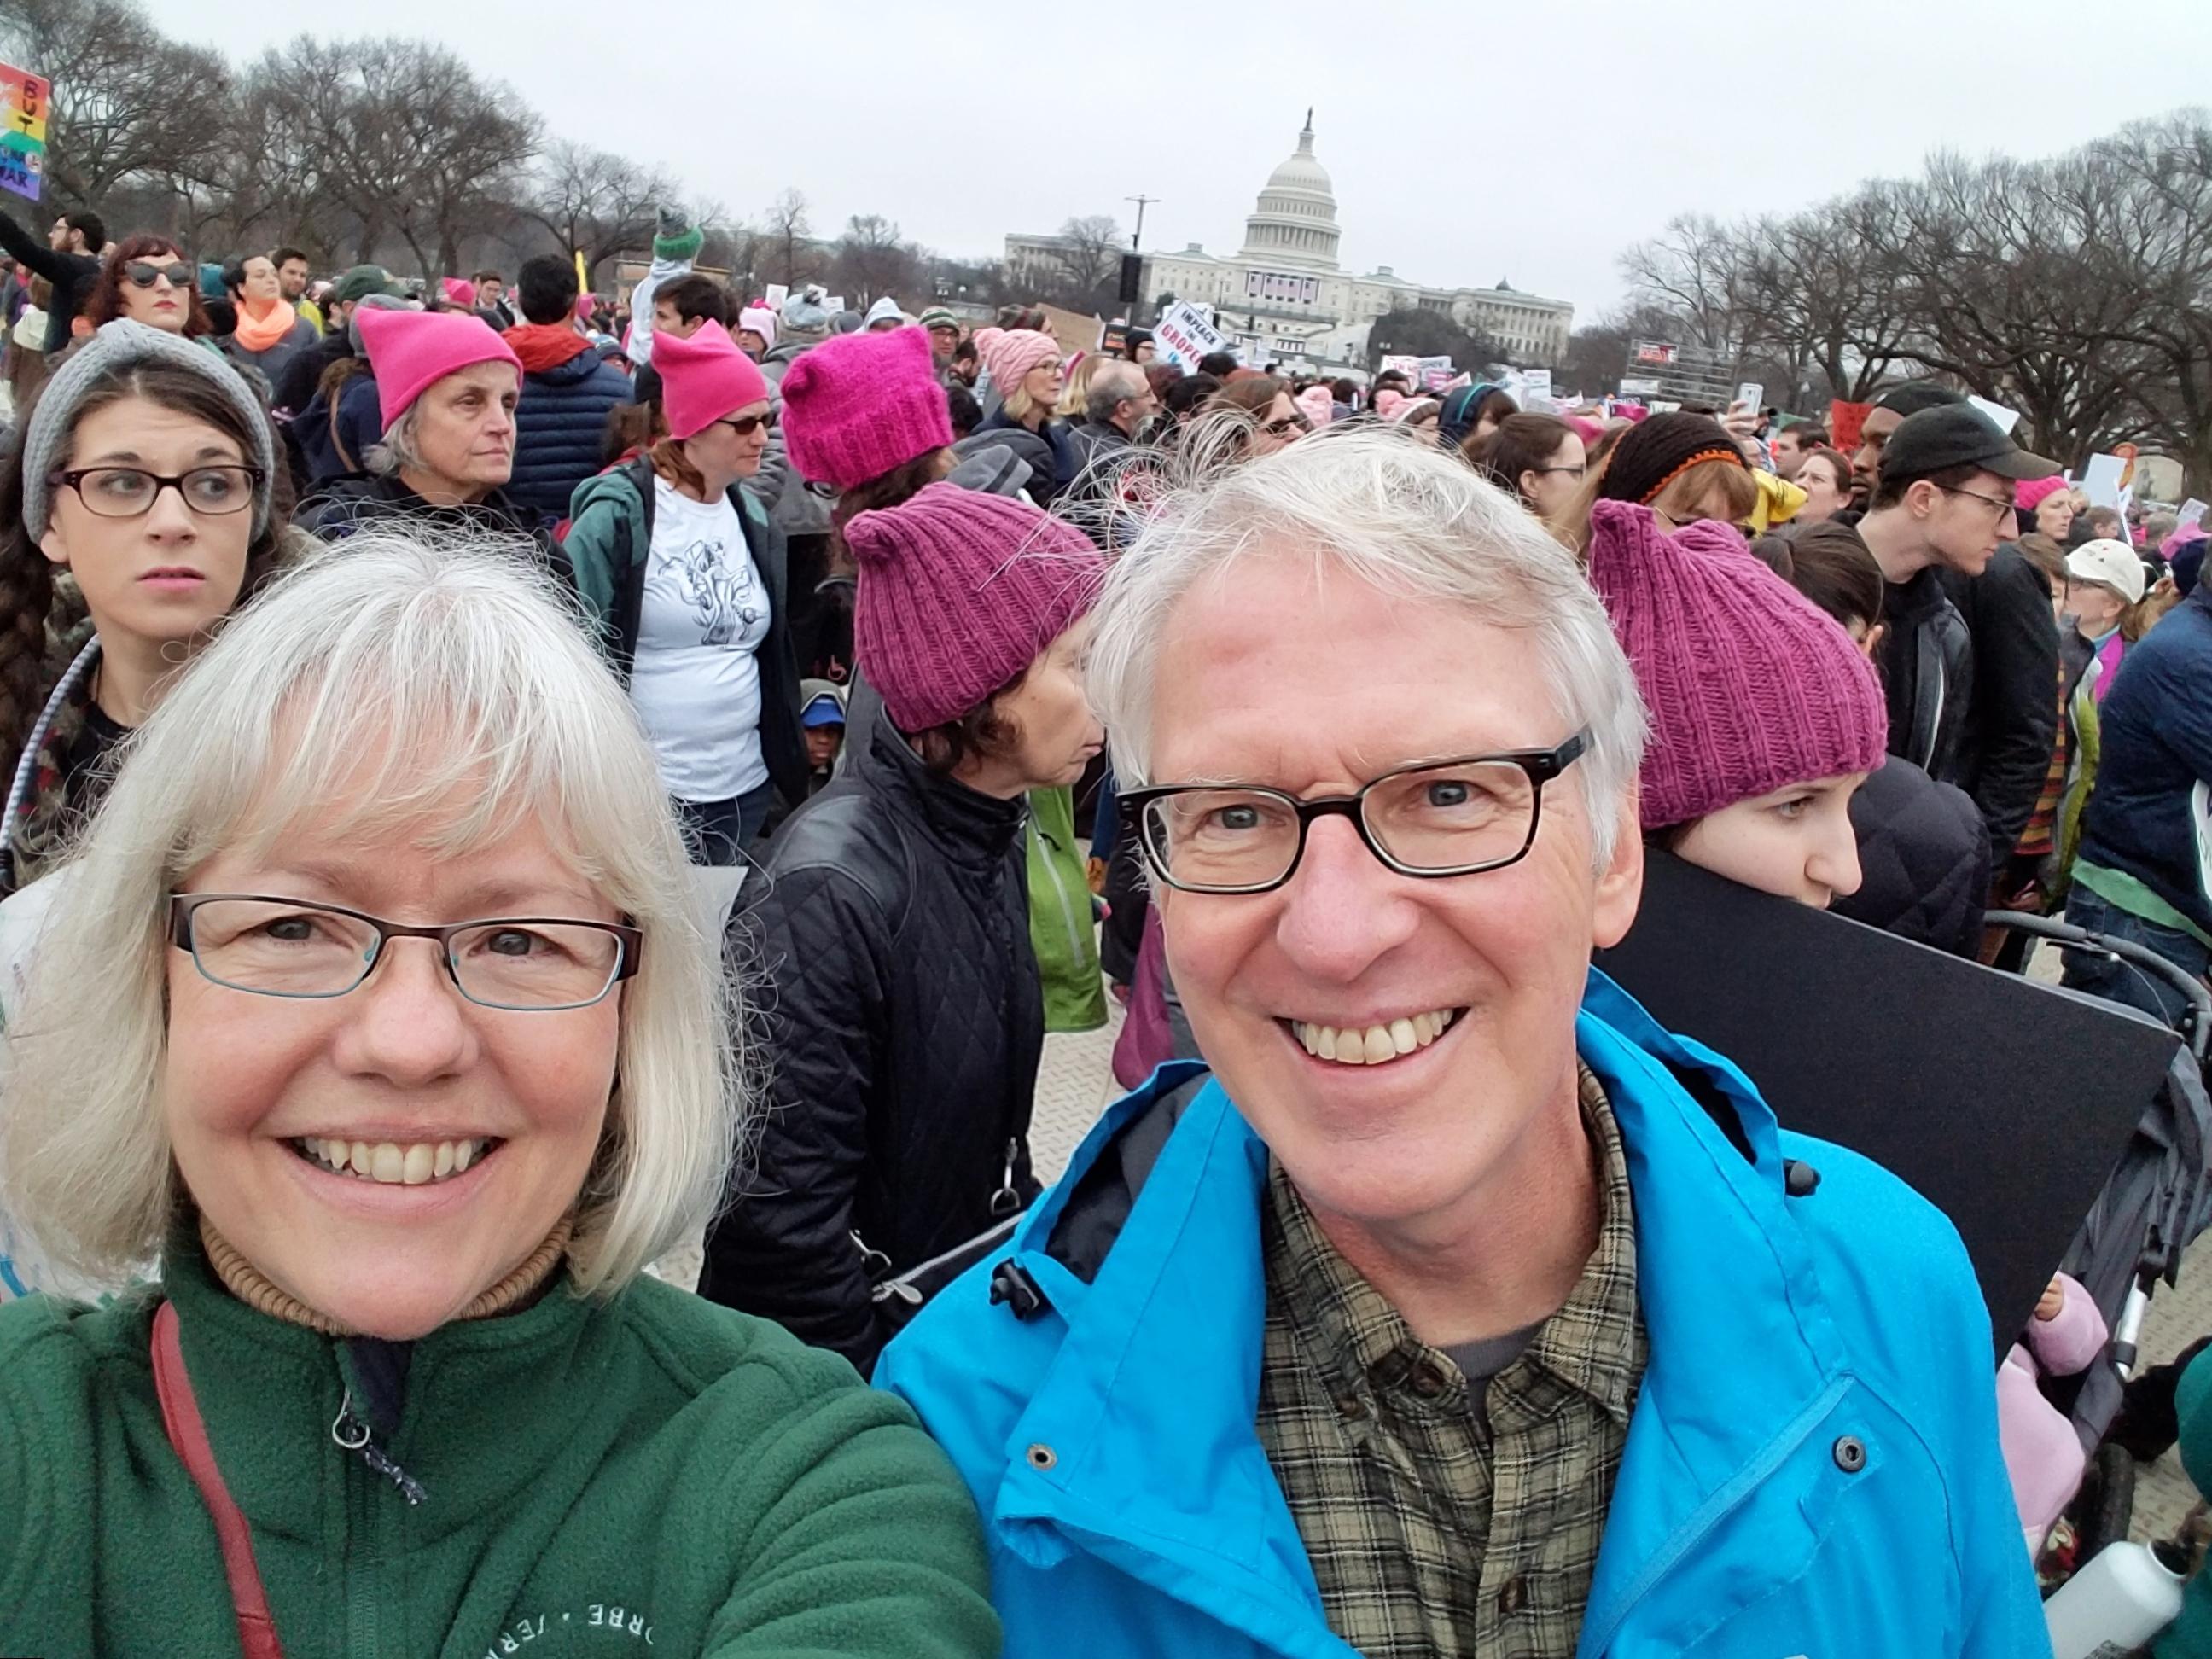 selfie-in-front-of-capitol